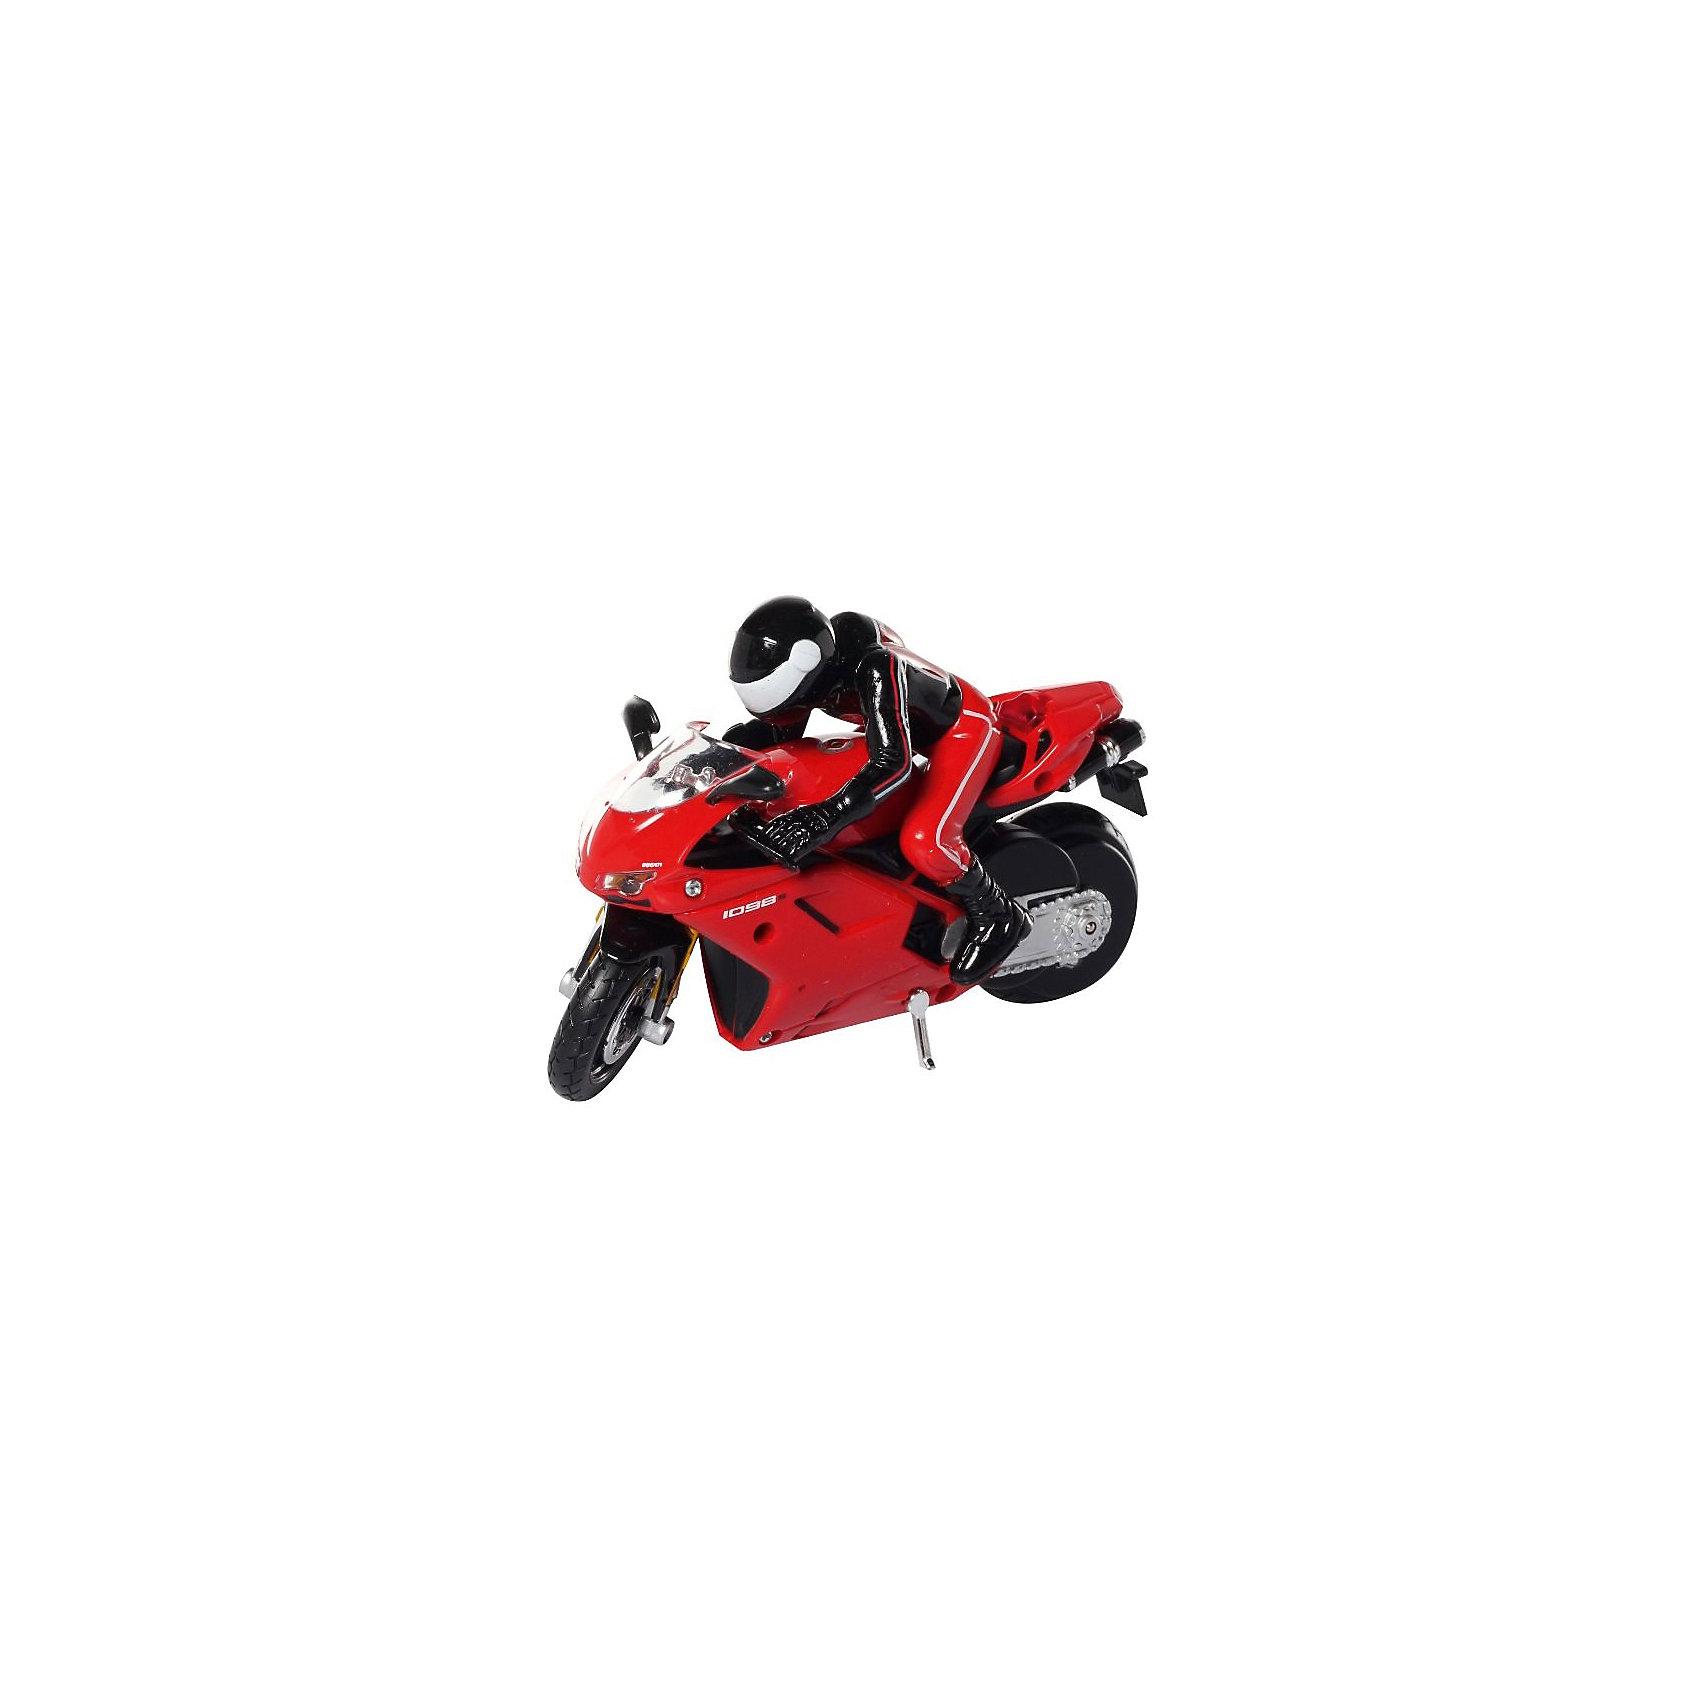 Мотоцикл Ducati 1098S на р/у, MaistoМодель представляет собой потрясающе точно выполненную копию настоящего классического мотоцикла Ducati 1098S. Мотоцикл работает при помощи инфракрасного пульта управления. Увеличение скорости контролируется кнопкой «турбо» на пульте, благодаря встроенному моховику в корпус мотоцикл удерживается в вертикальном положении.<br><br>Дополнительная информация:<br><br>- Управление: радиоуправляемая<br>- Питание: 4 батареи АА (не входят в комплект)<br>- Размеры машинки: 12 см<br>- Материал: пластик, металл<br><br>Мотоцикл Ducati 1098S на р/у, Maisto можно купить в нашем интернет-магазине.<br><br>Ширина мм: 70<br>Глубина мм: 262<br>Высота мм: 185<br>Вес г: 466<br>Возраст от месяцев: 36<br>Возраст до месяцев: 72<br>Пол: Мужской<br>Возраст: Детский<br>SKU: 2462969